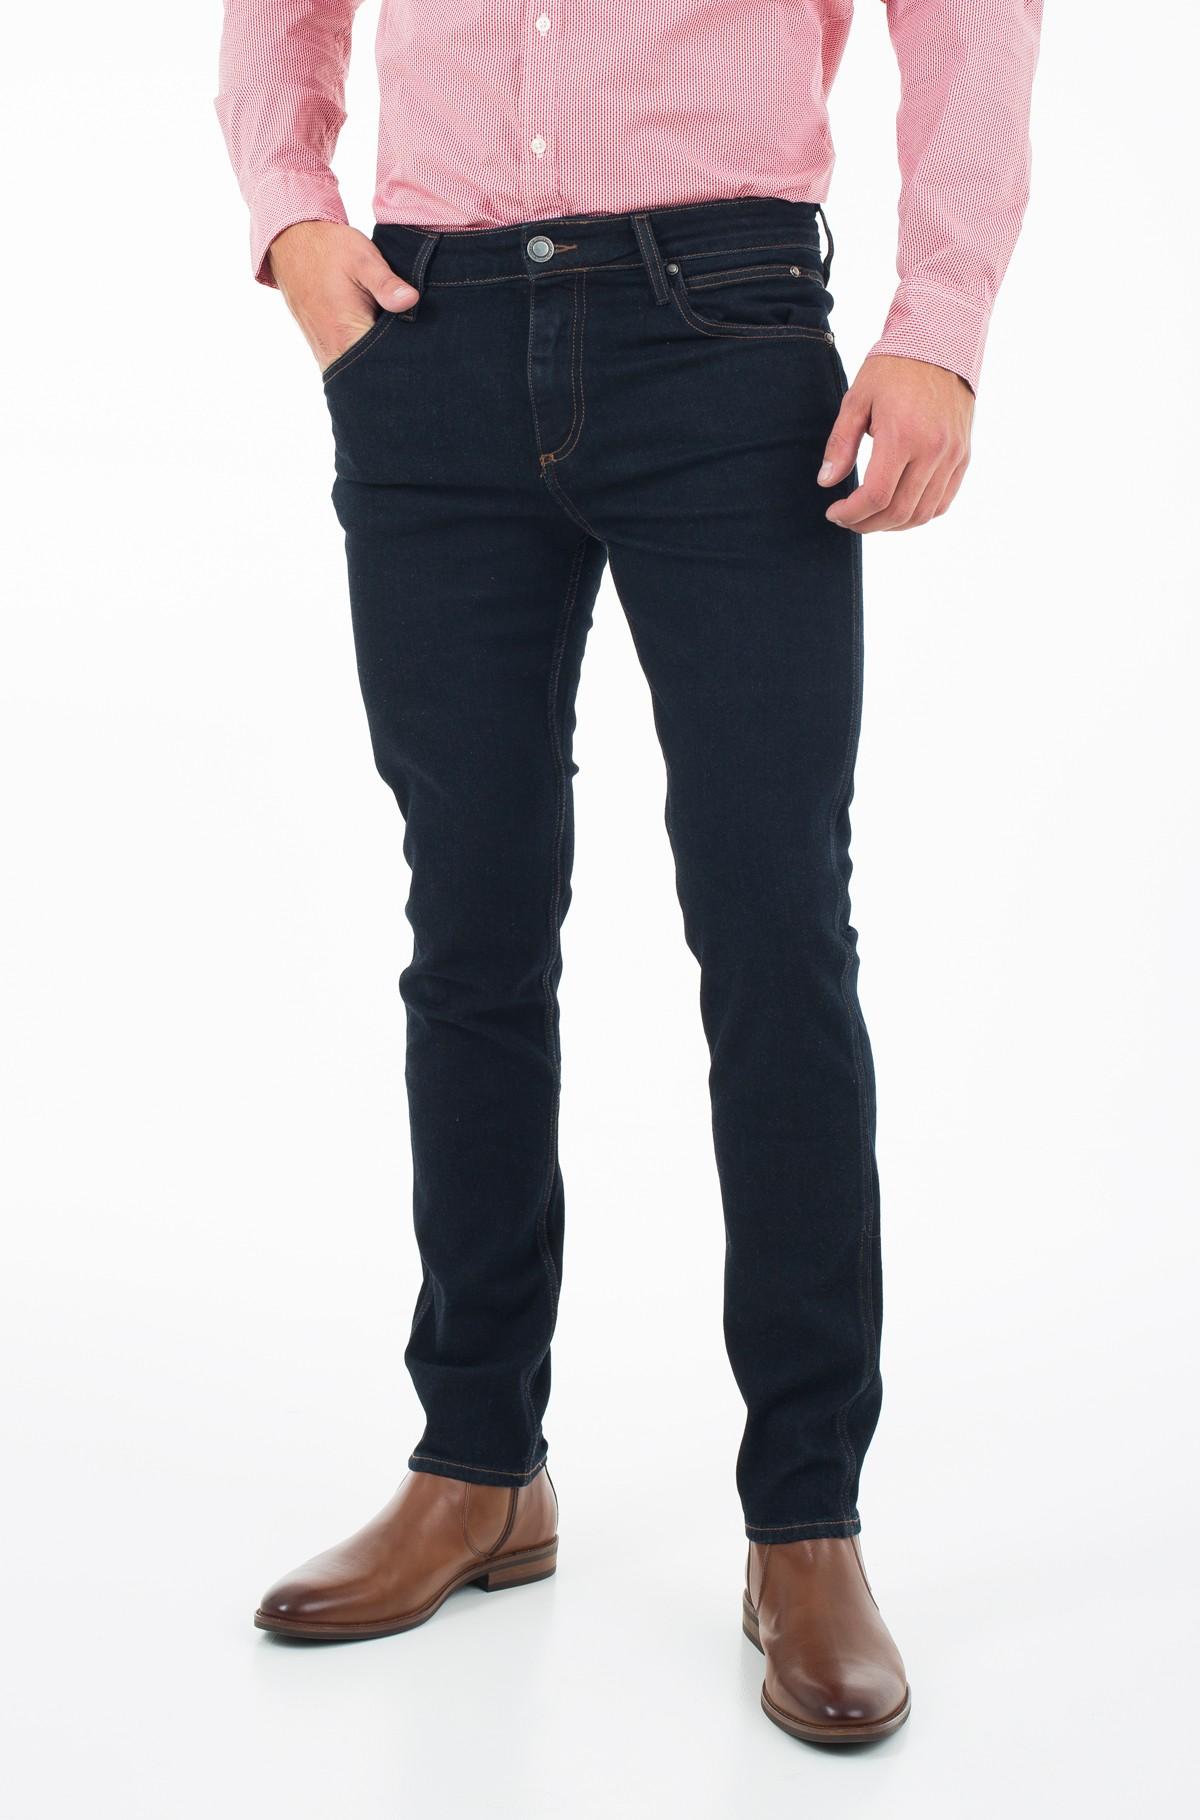 Džinsinės kelnės Sculpted Slim - Real-full-1